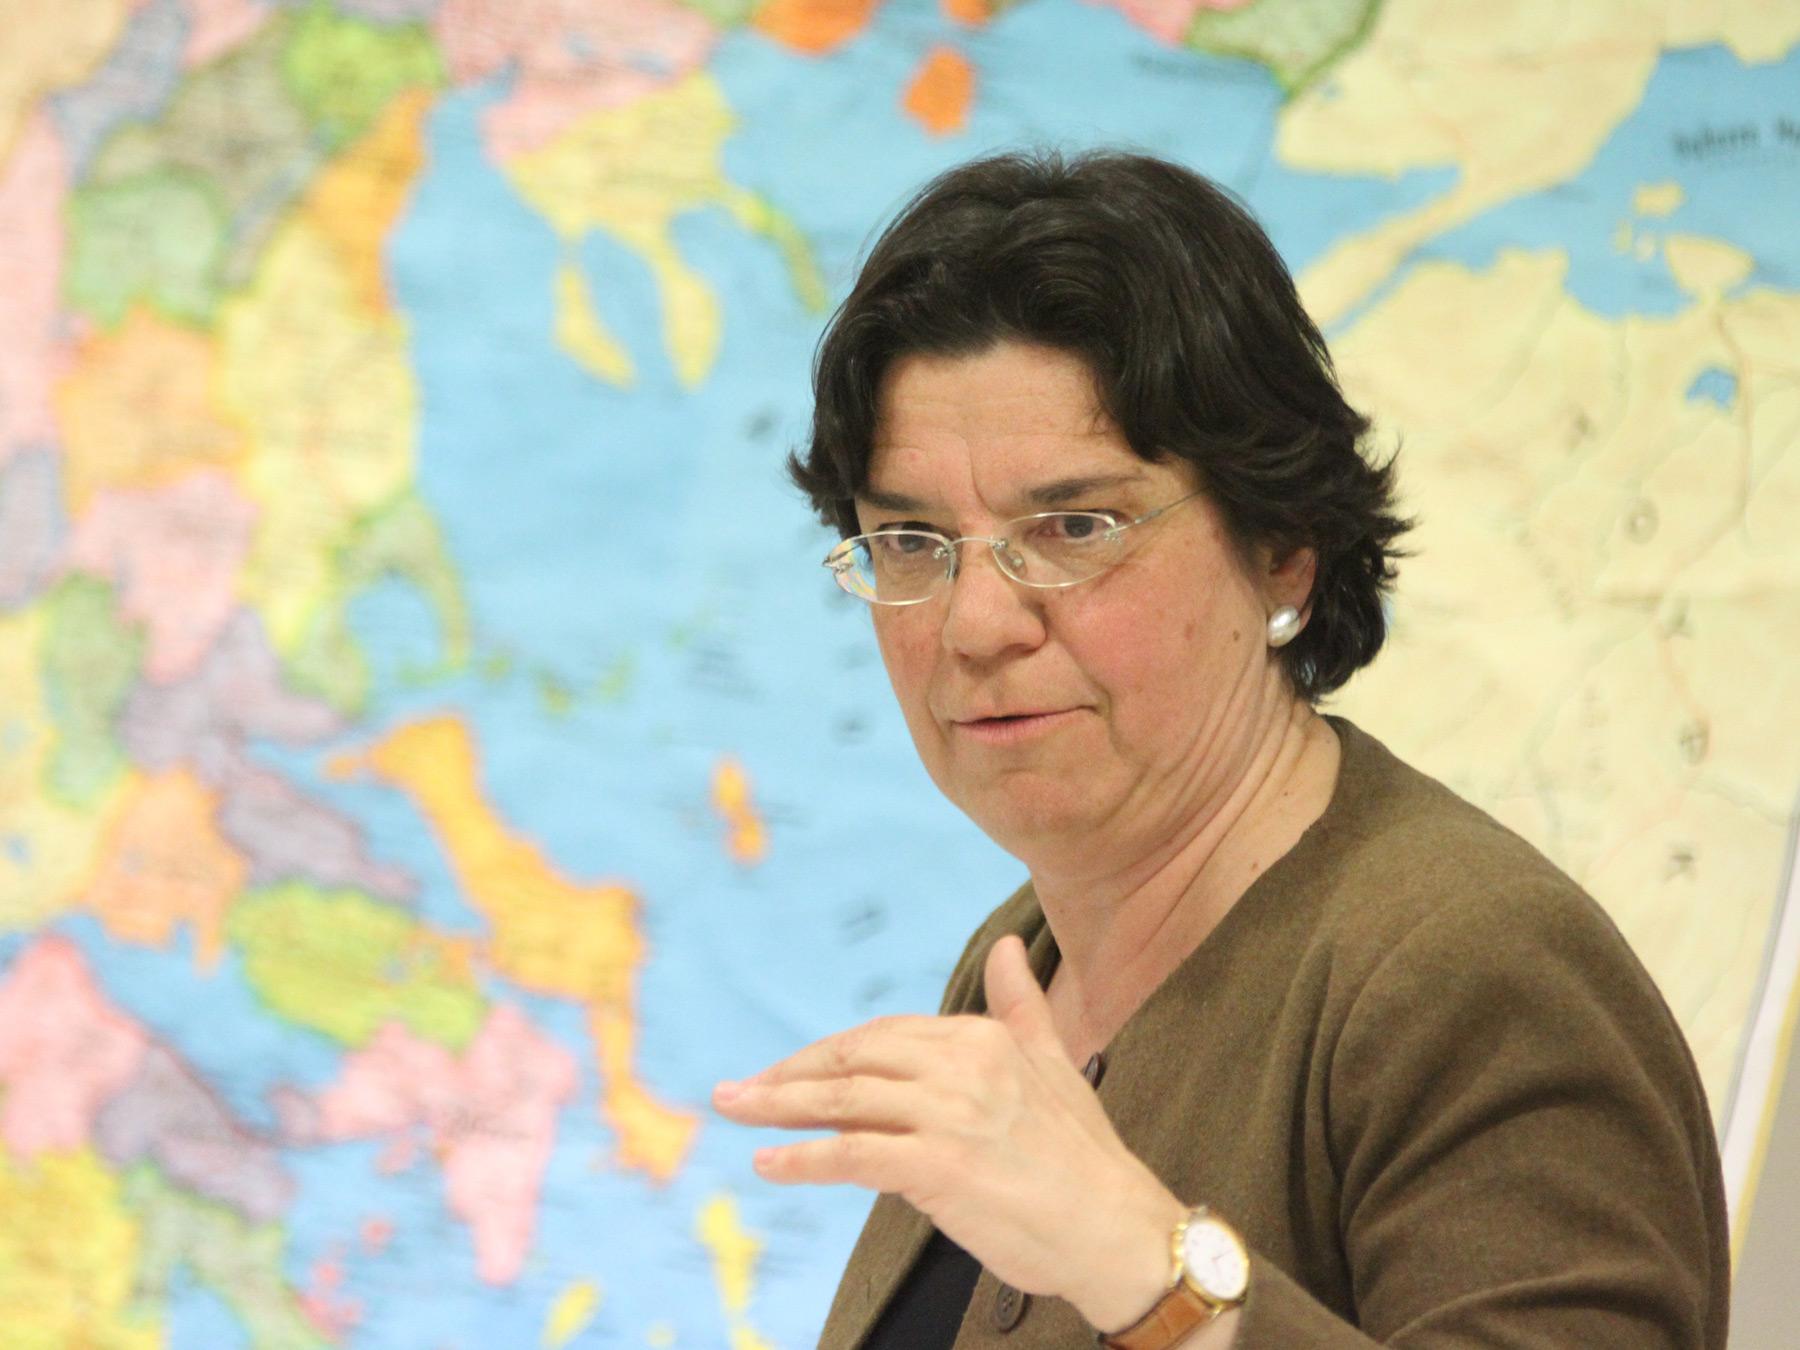 Μαρία Ευθυμία, Καθηγήτρια Ιστορίας ΕΚΠΑ. Φωτ. Φώτης Νατσιούλης